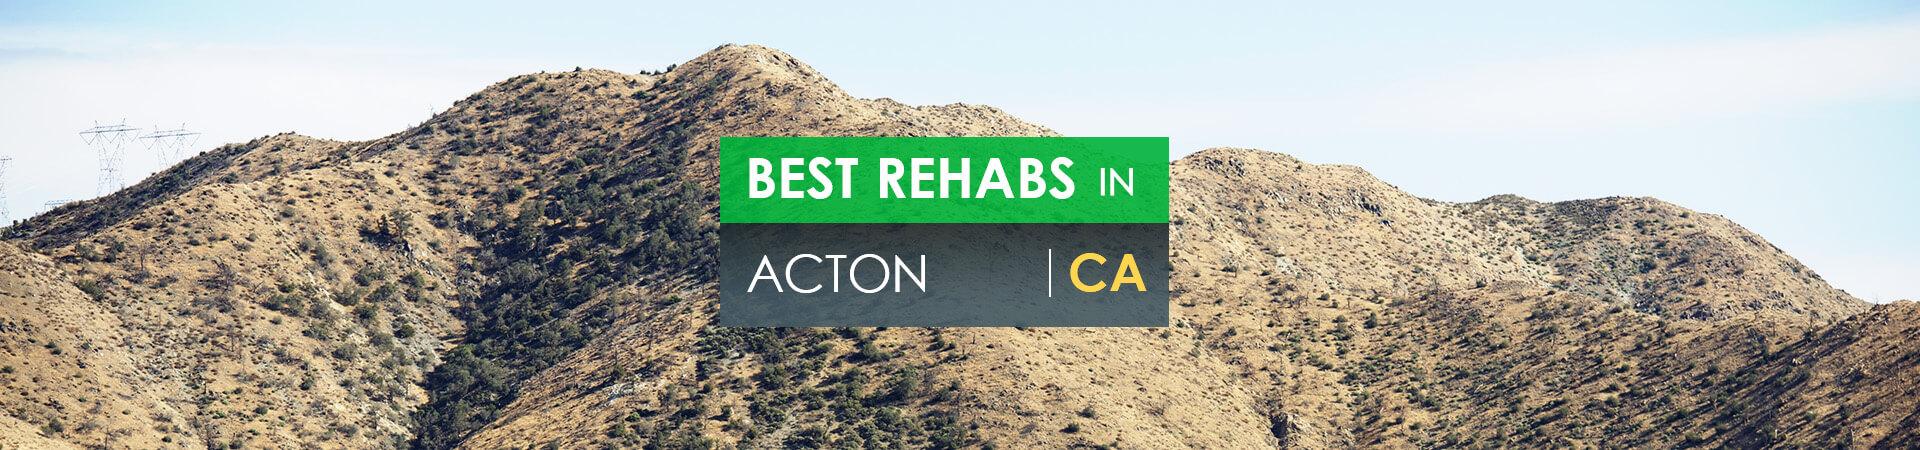 Best rehabs in Acton, CA